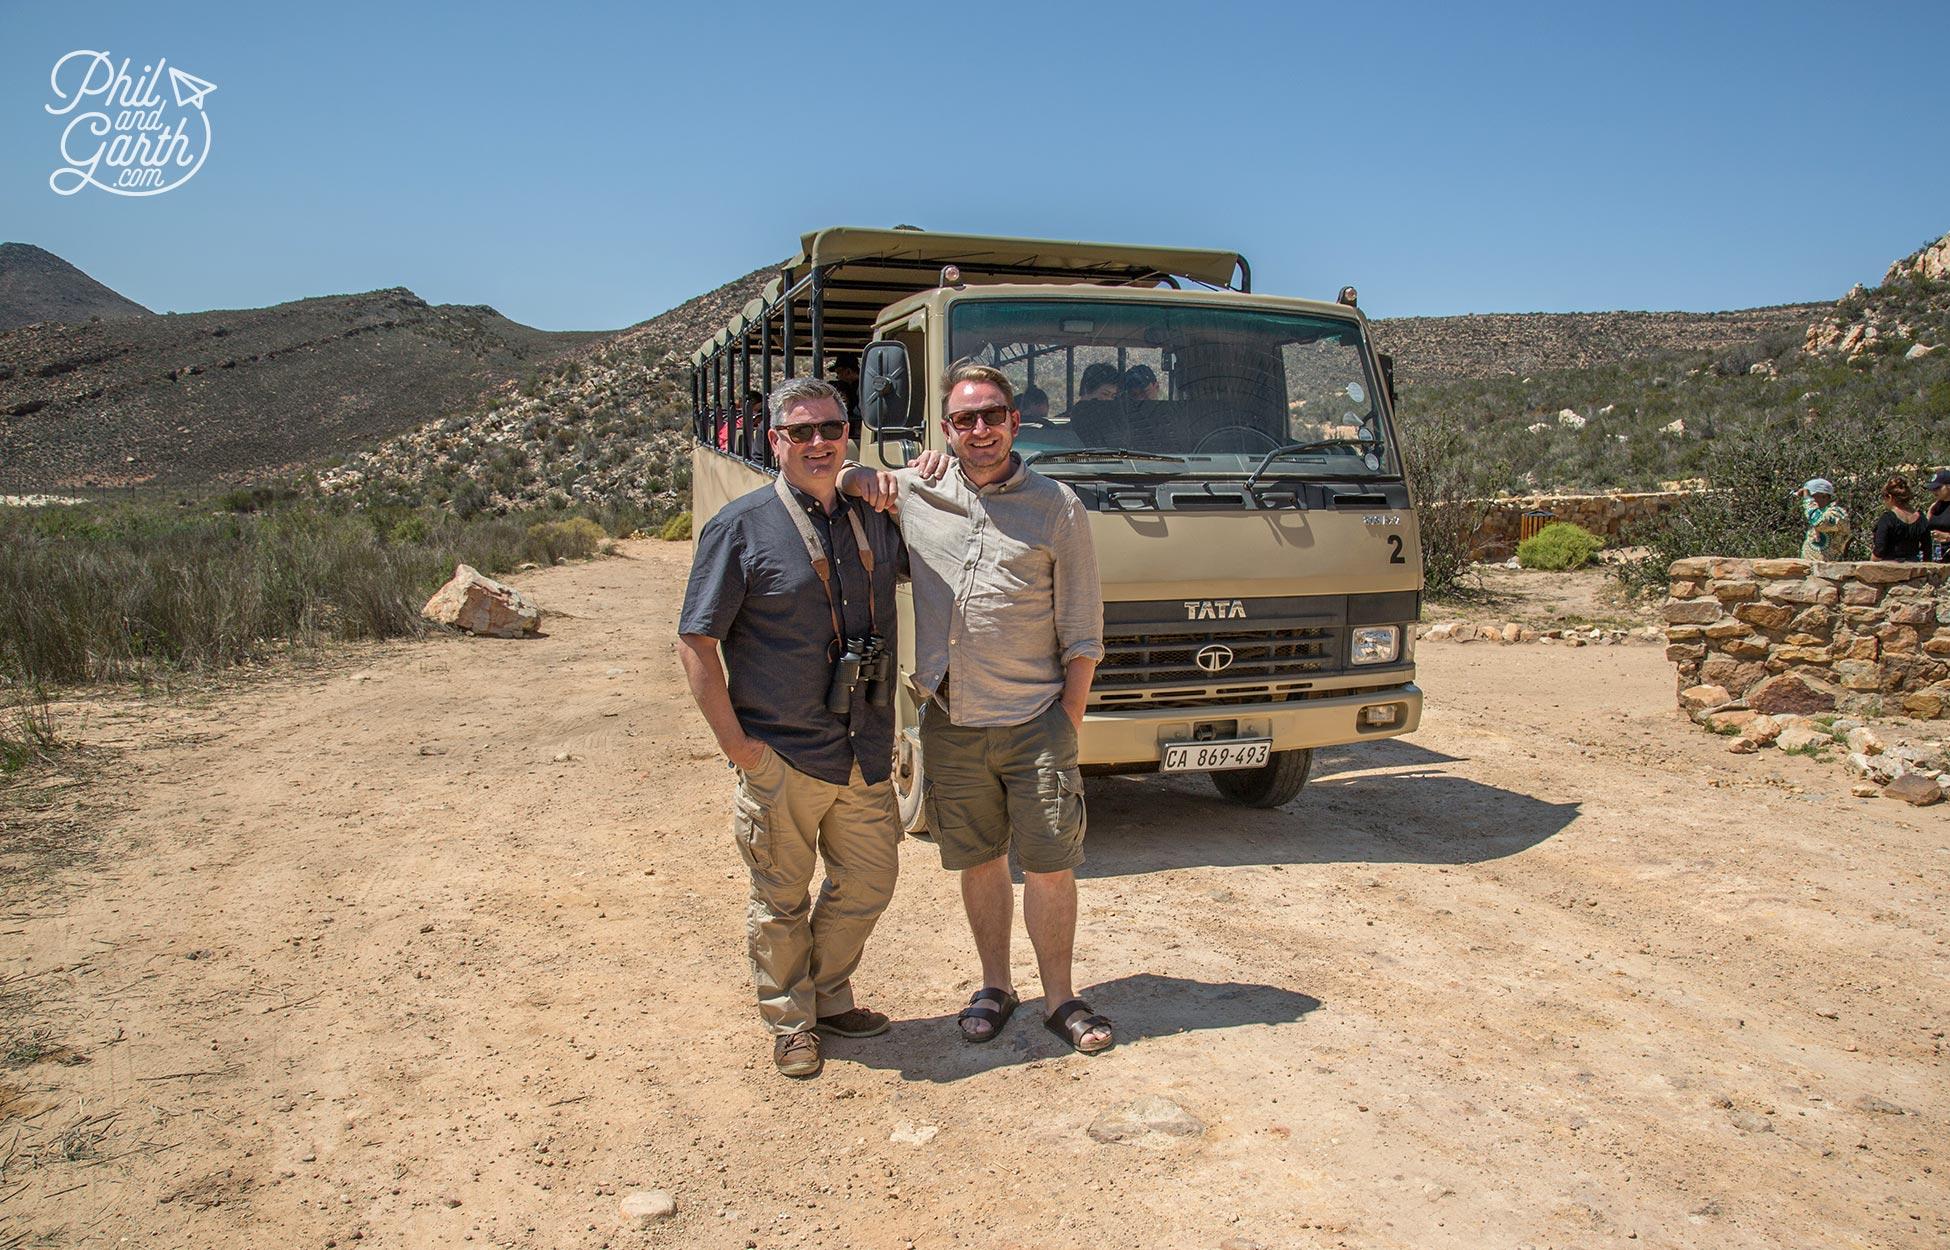 Big 5 safari near Cape Town - The Aquila Private Game Reserve